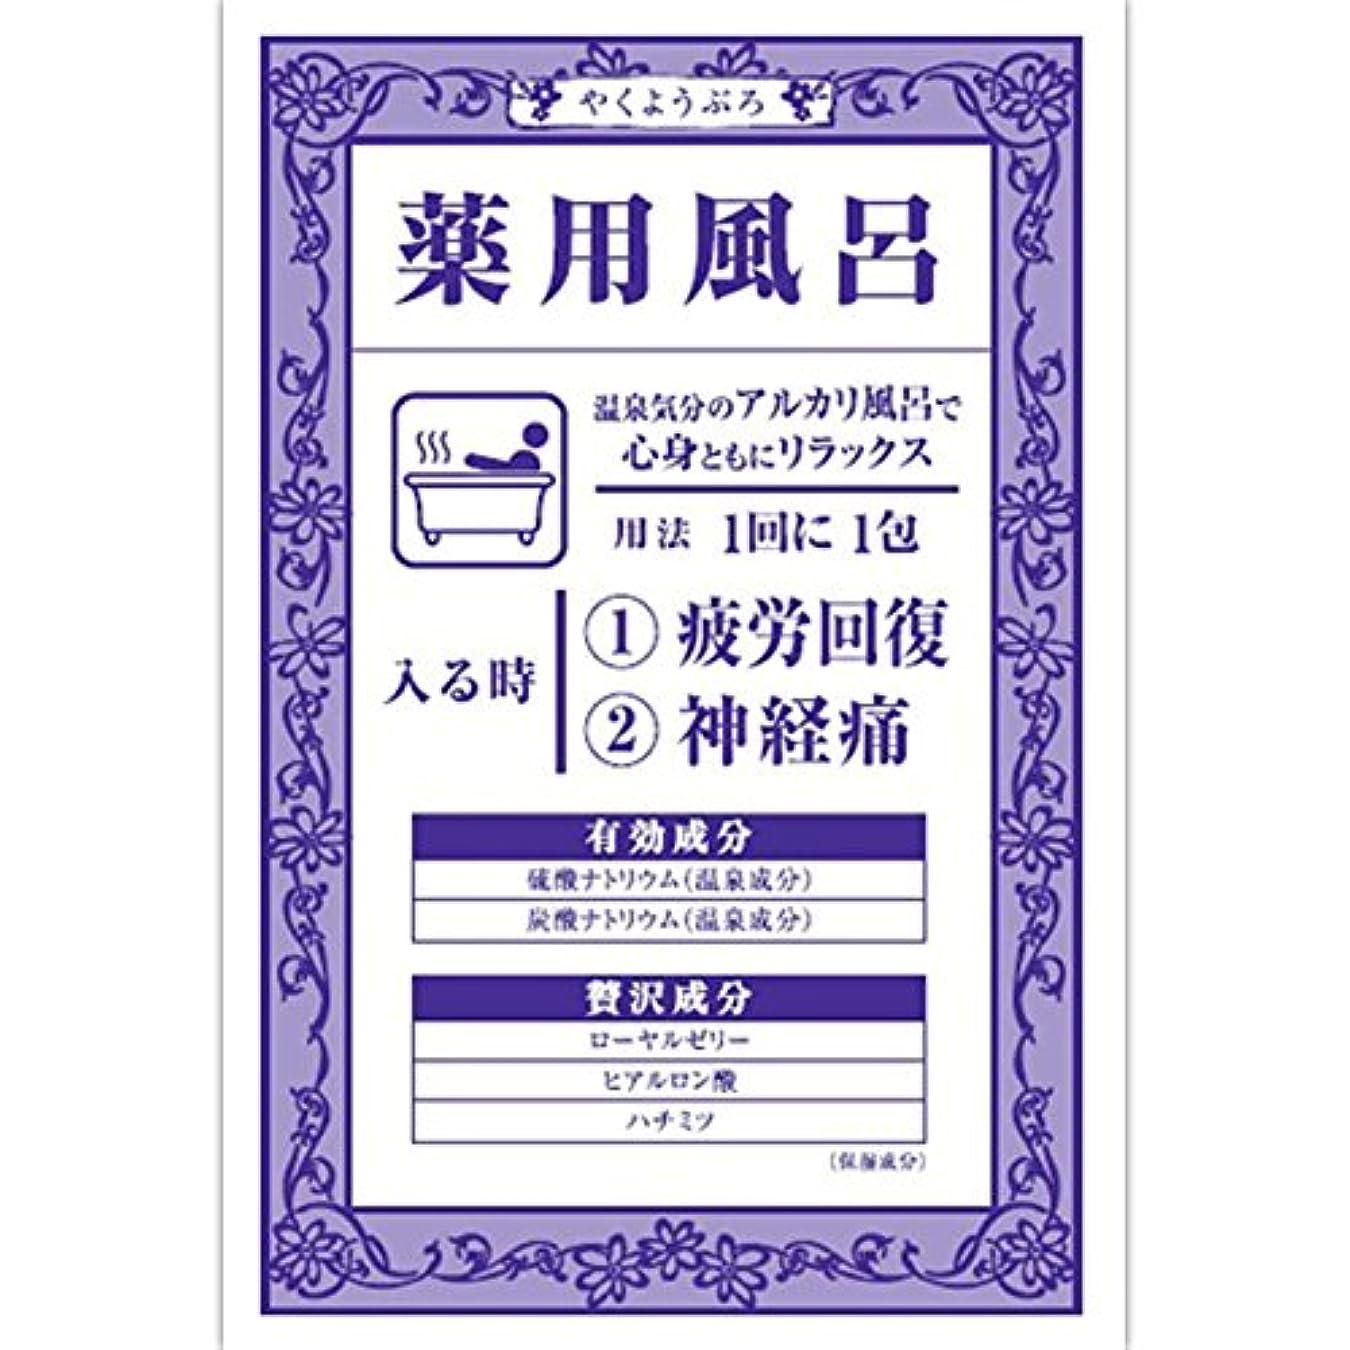 ロボット氏記述する大山 薬用風呂KKd(疲労回復?神経痛) 40G(医薬部外品)